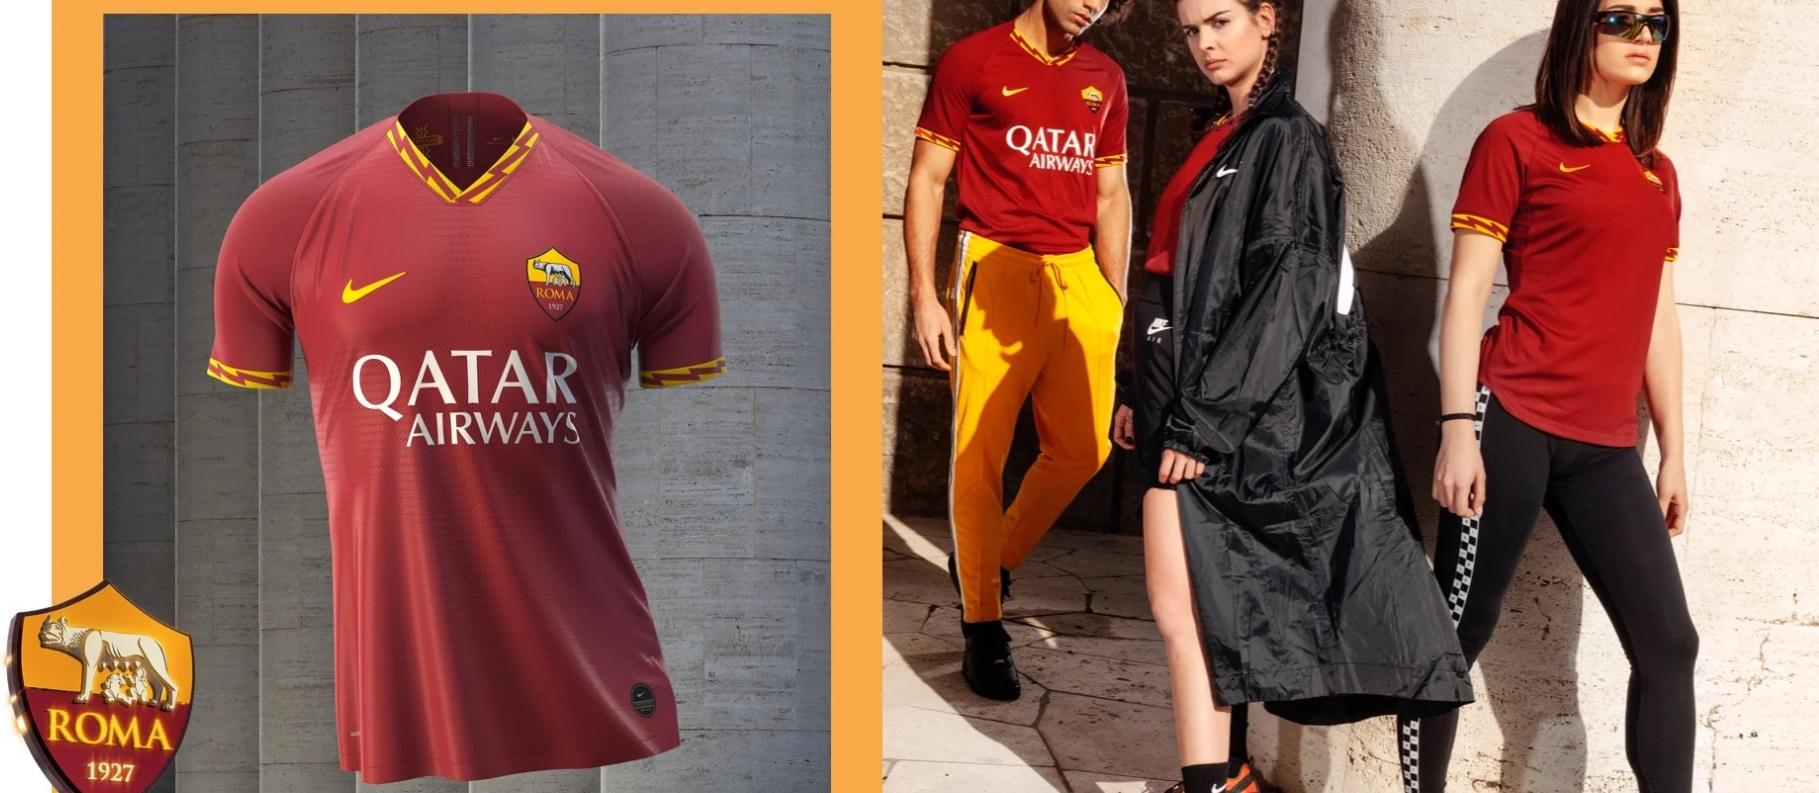 Nike dévoile les nouveaux maillots de l'AS Roma, Inter Milan